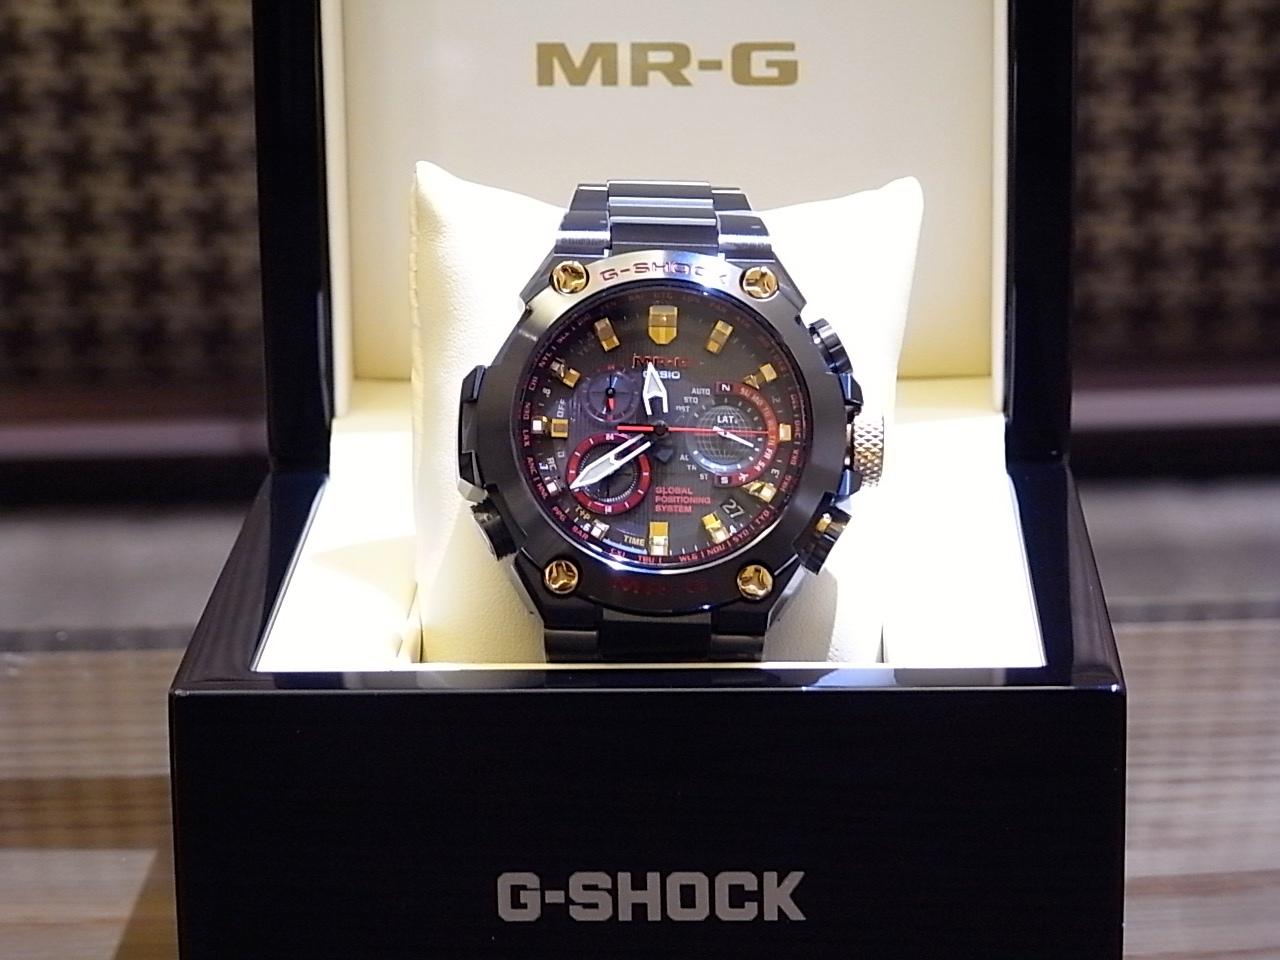 G-SHOCK最高峰MR-G人気モデル「赤備え」MRG-G1000B-1A4JR 再入荷しました!